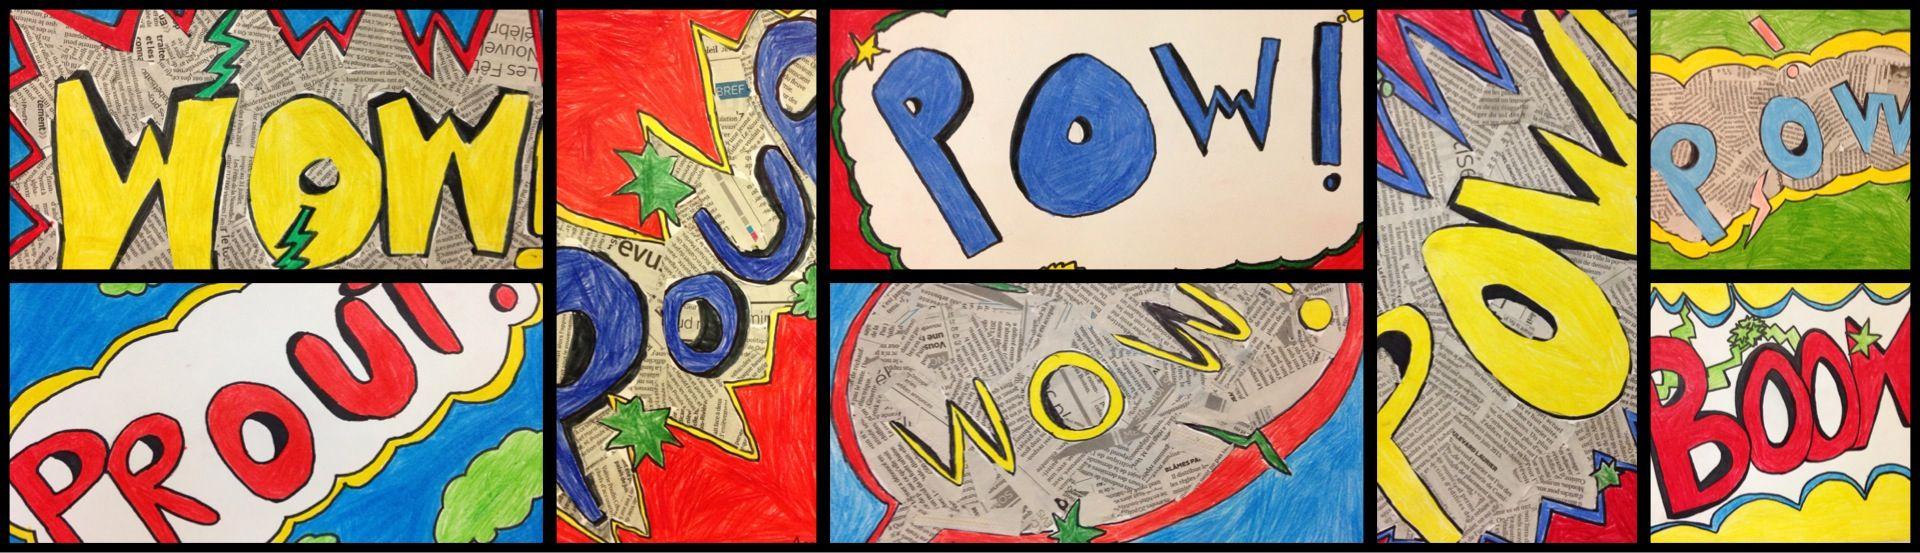 4e année - Inspiré du pop art et de la bd, crayons de couleurs et cartons, techniques de dessin.